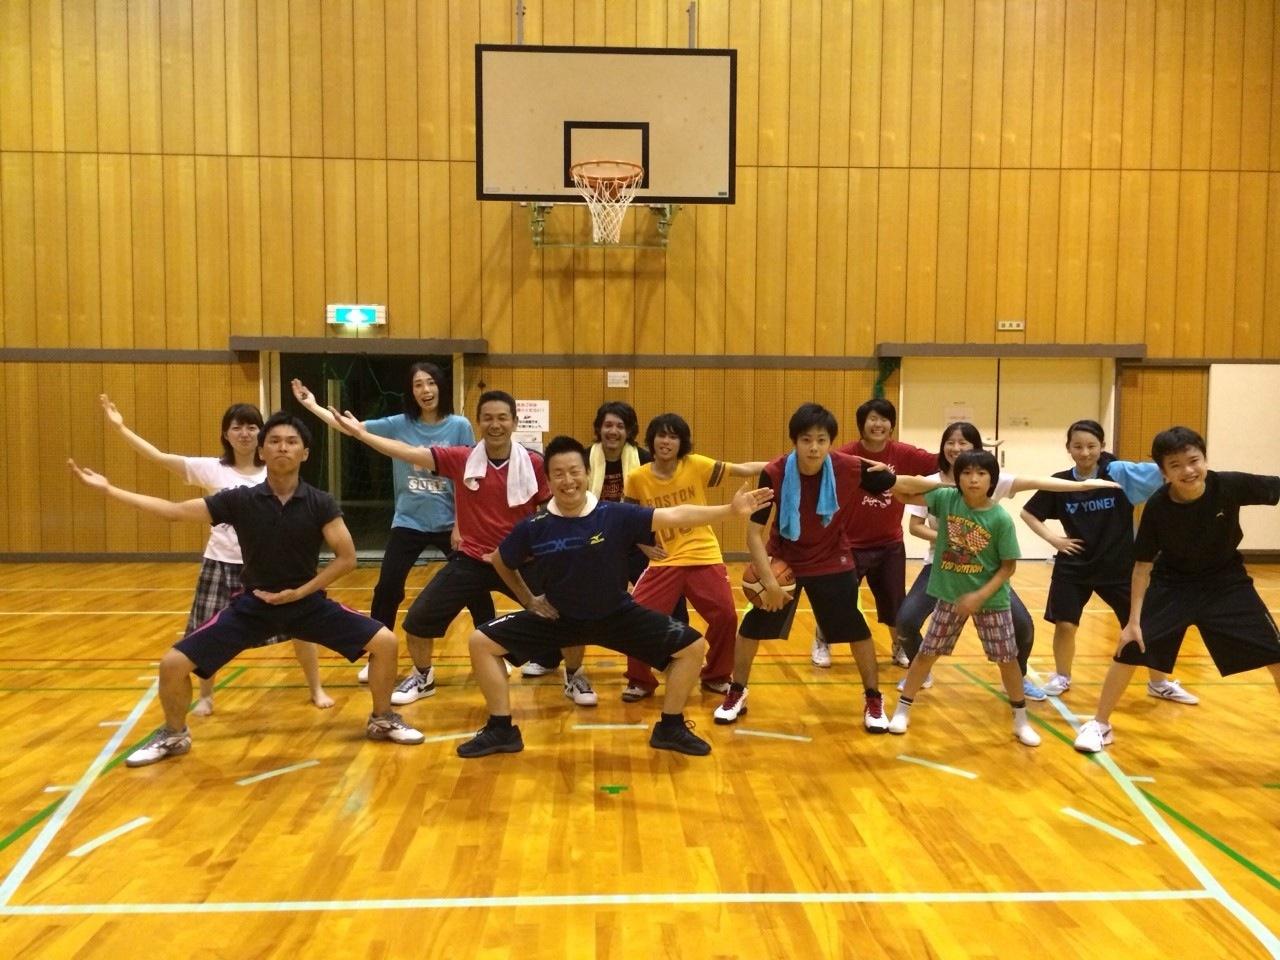 【親子】里山学校/スポーツコミュニティのイメージ